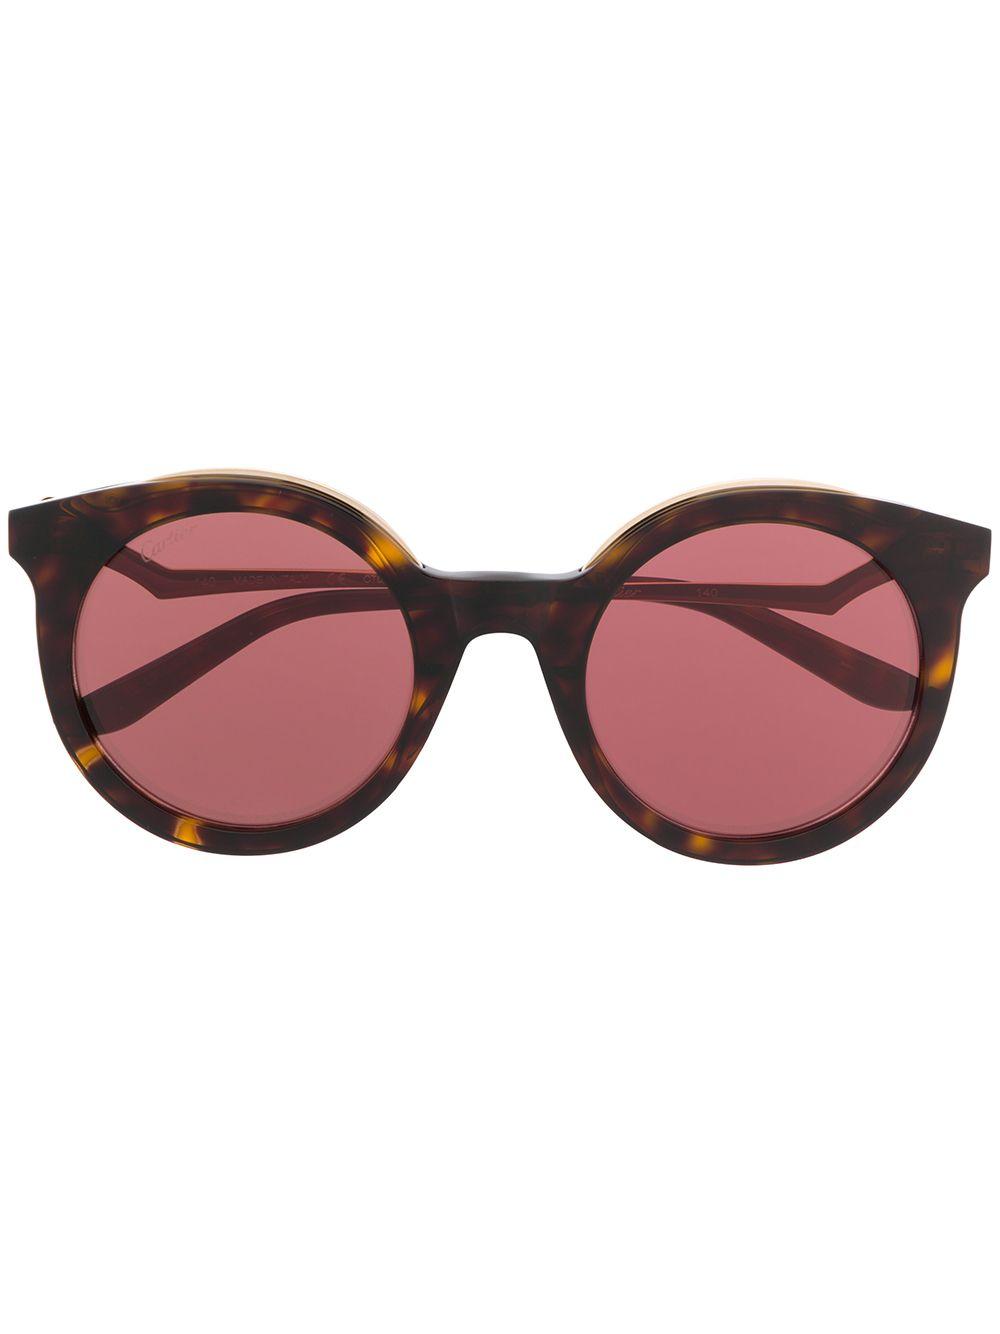 Cartier Eyewear Runde Sonnenbrille - Braun